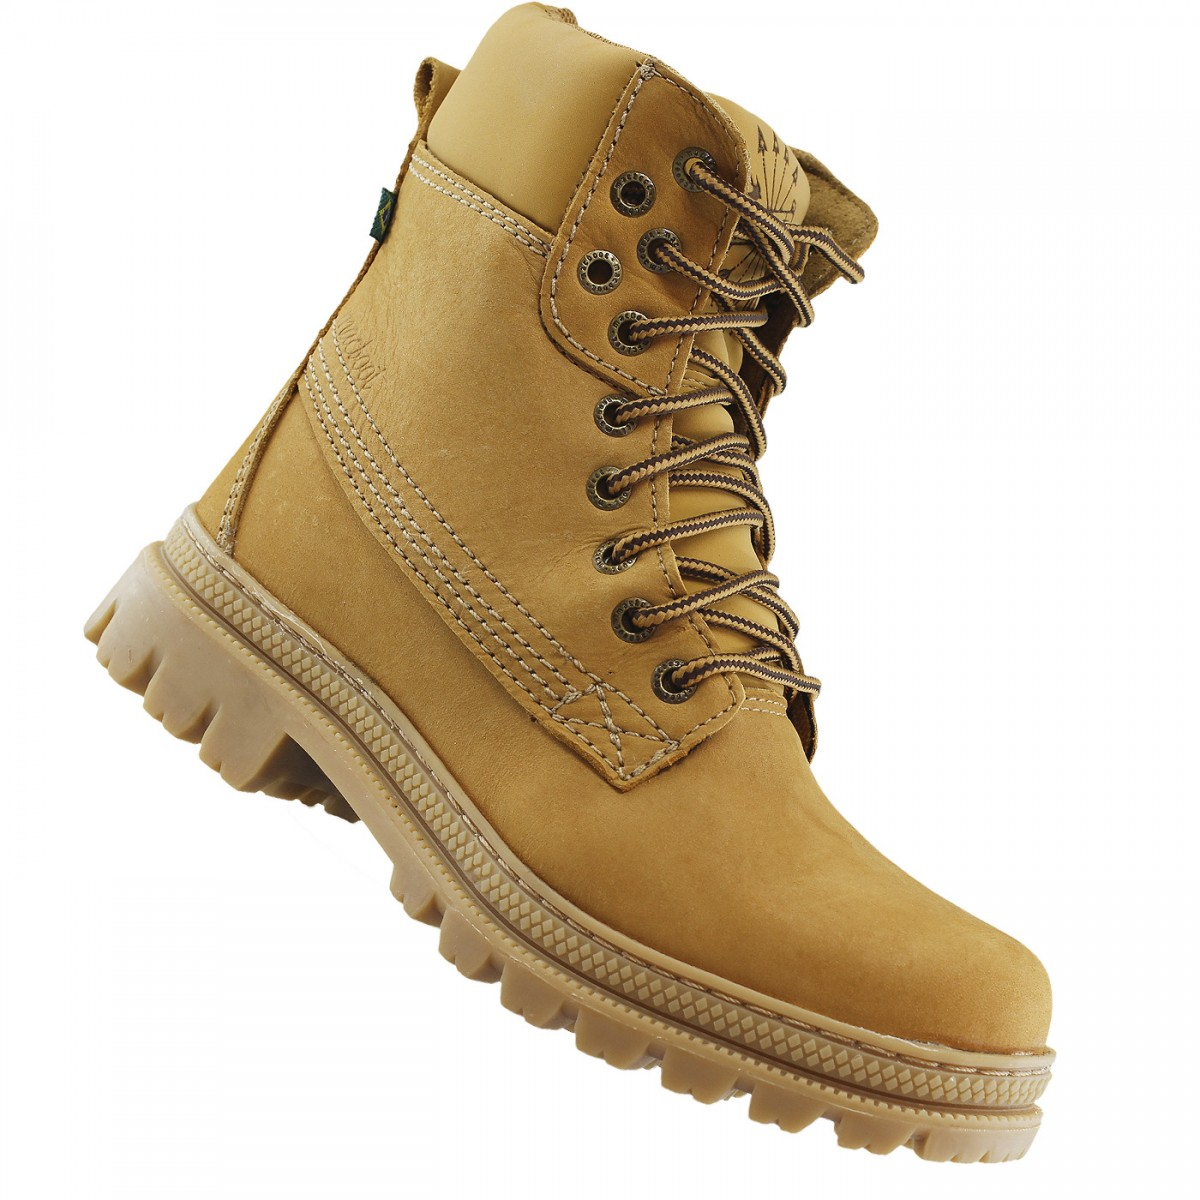 77bec320b8fe7 Botas e Sapatos para o Inverno - Treino e Corrida